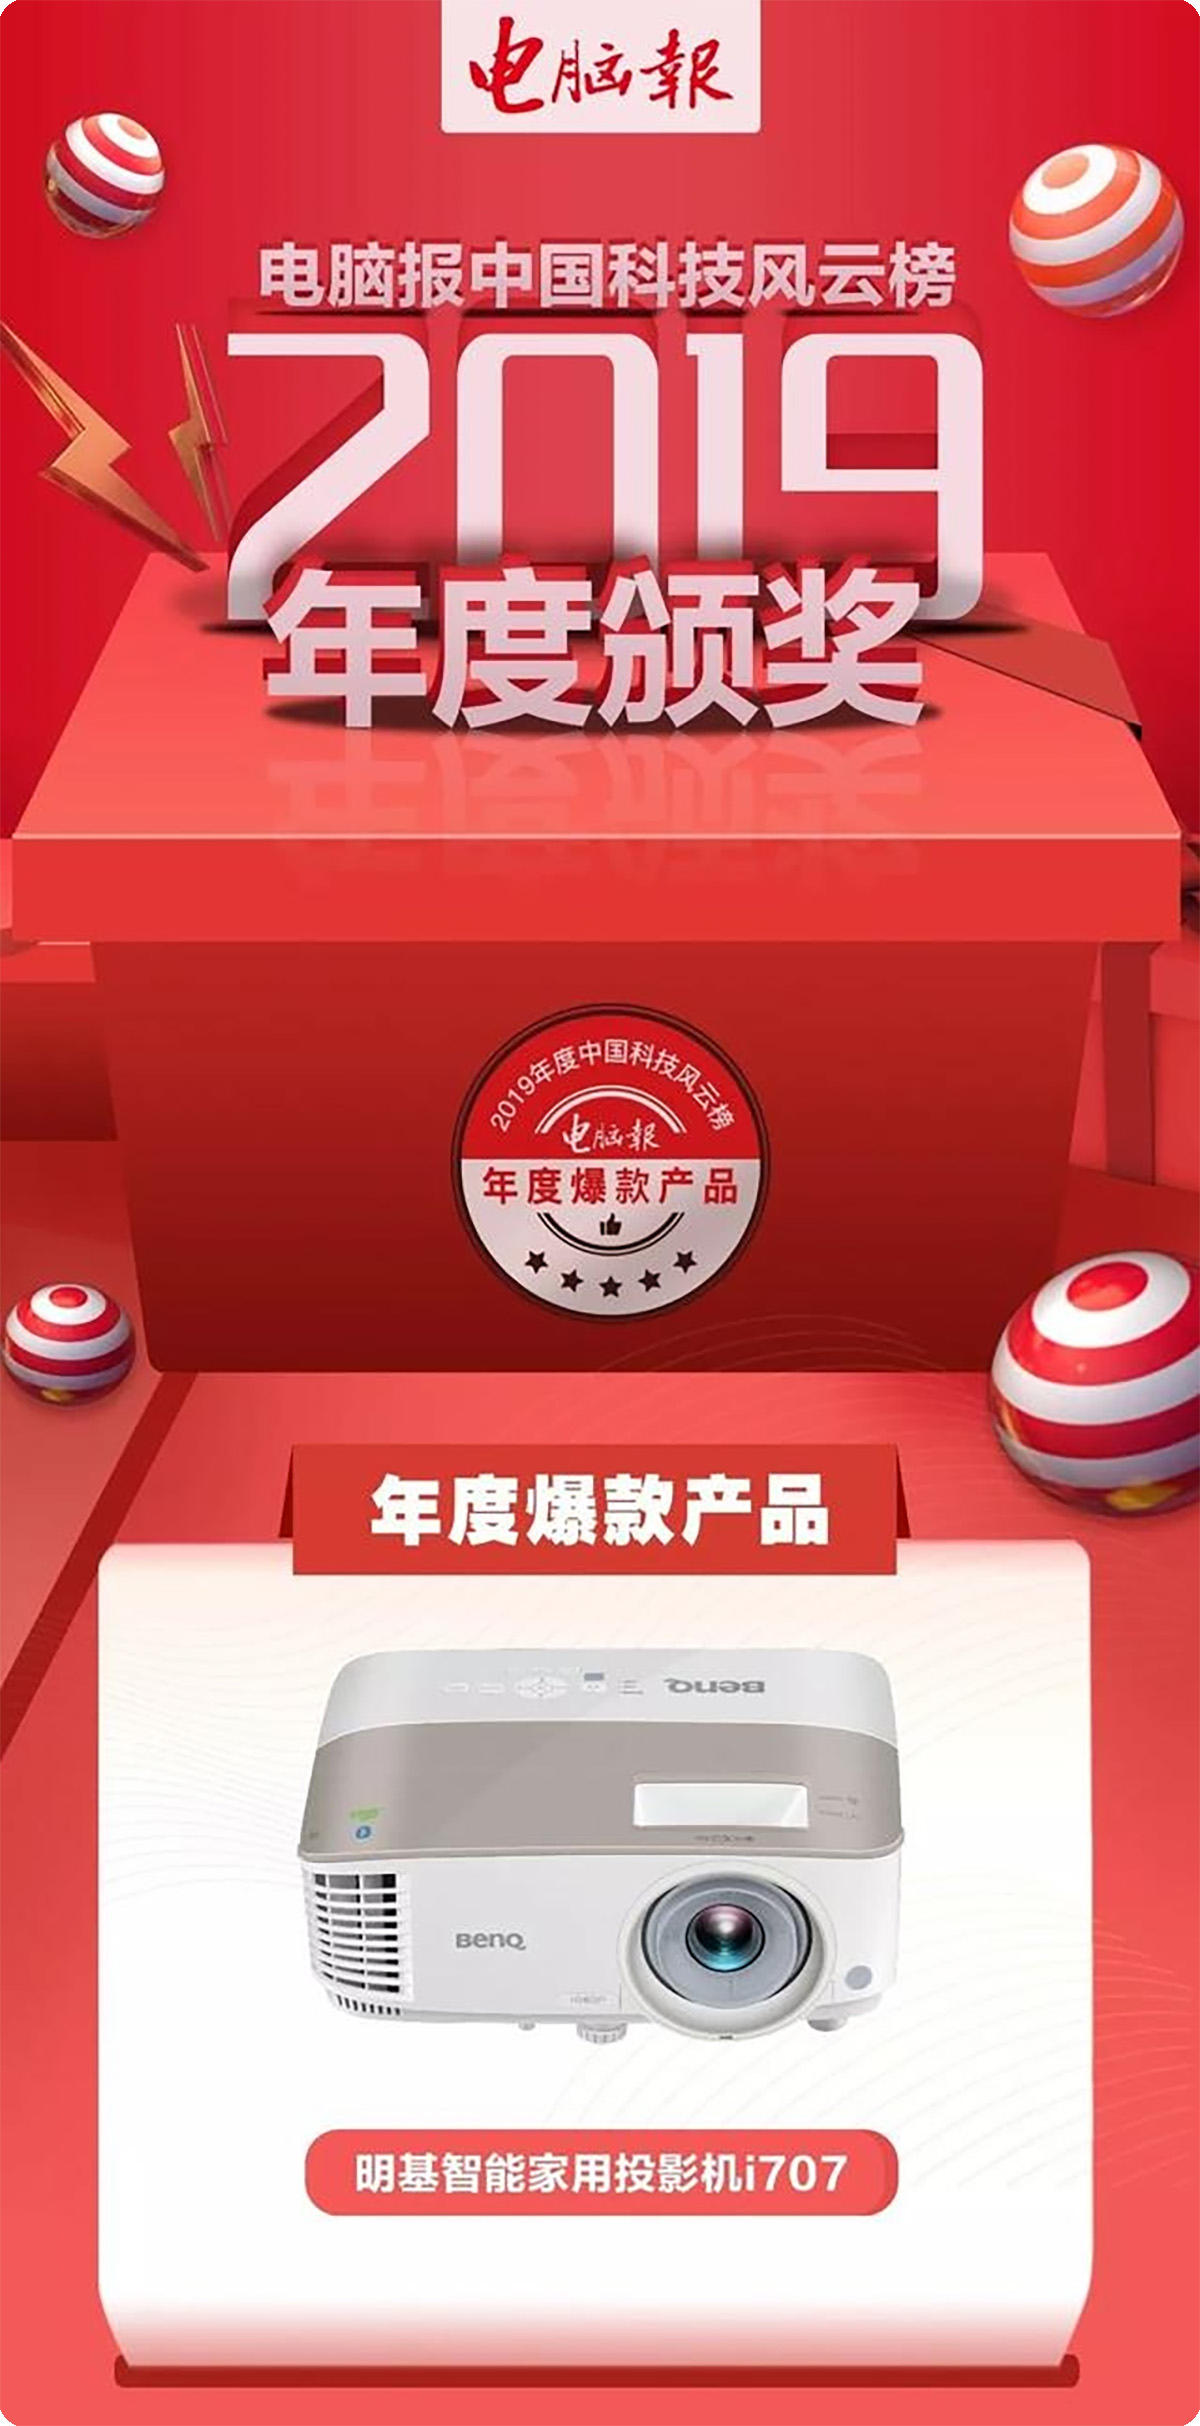 明基智能家用投影机i707 | 电脑报2019年度中国科技风云榜颁奖